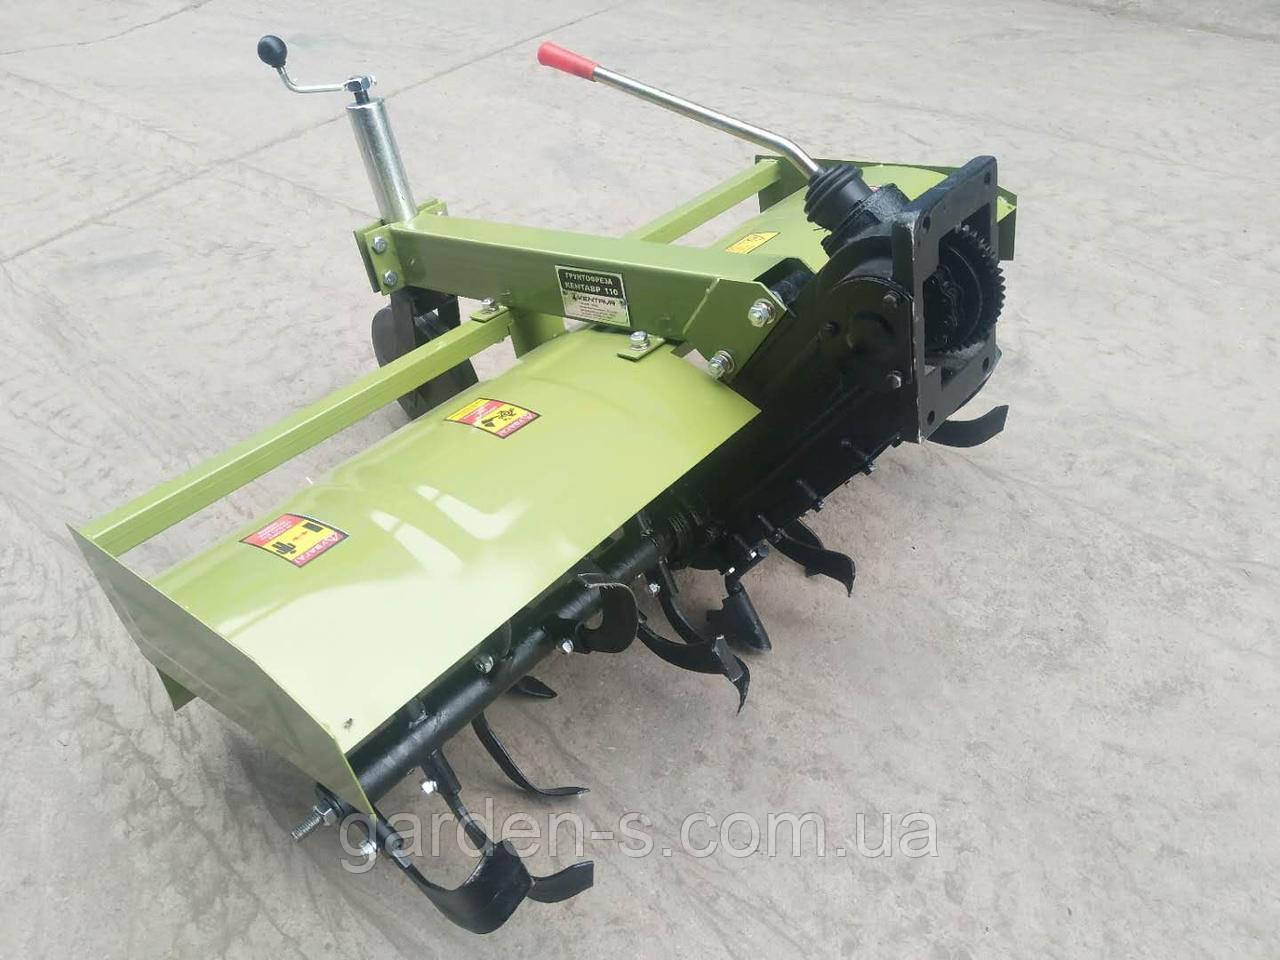 Почвофреза для мотоблока мототрактора Кентавр 110У ширина захвата 110 см.